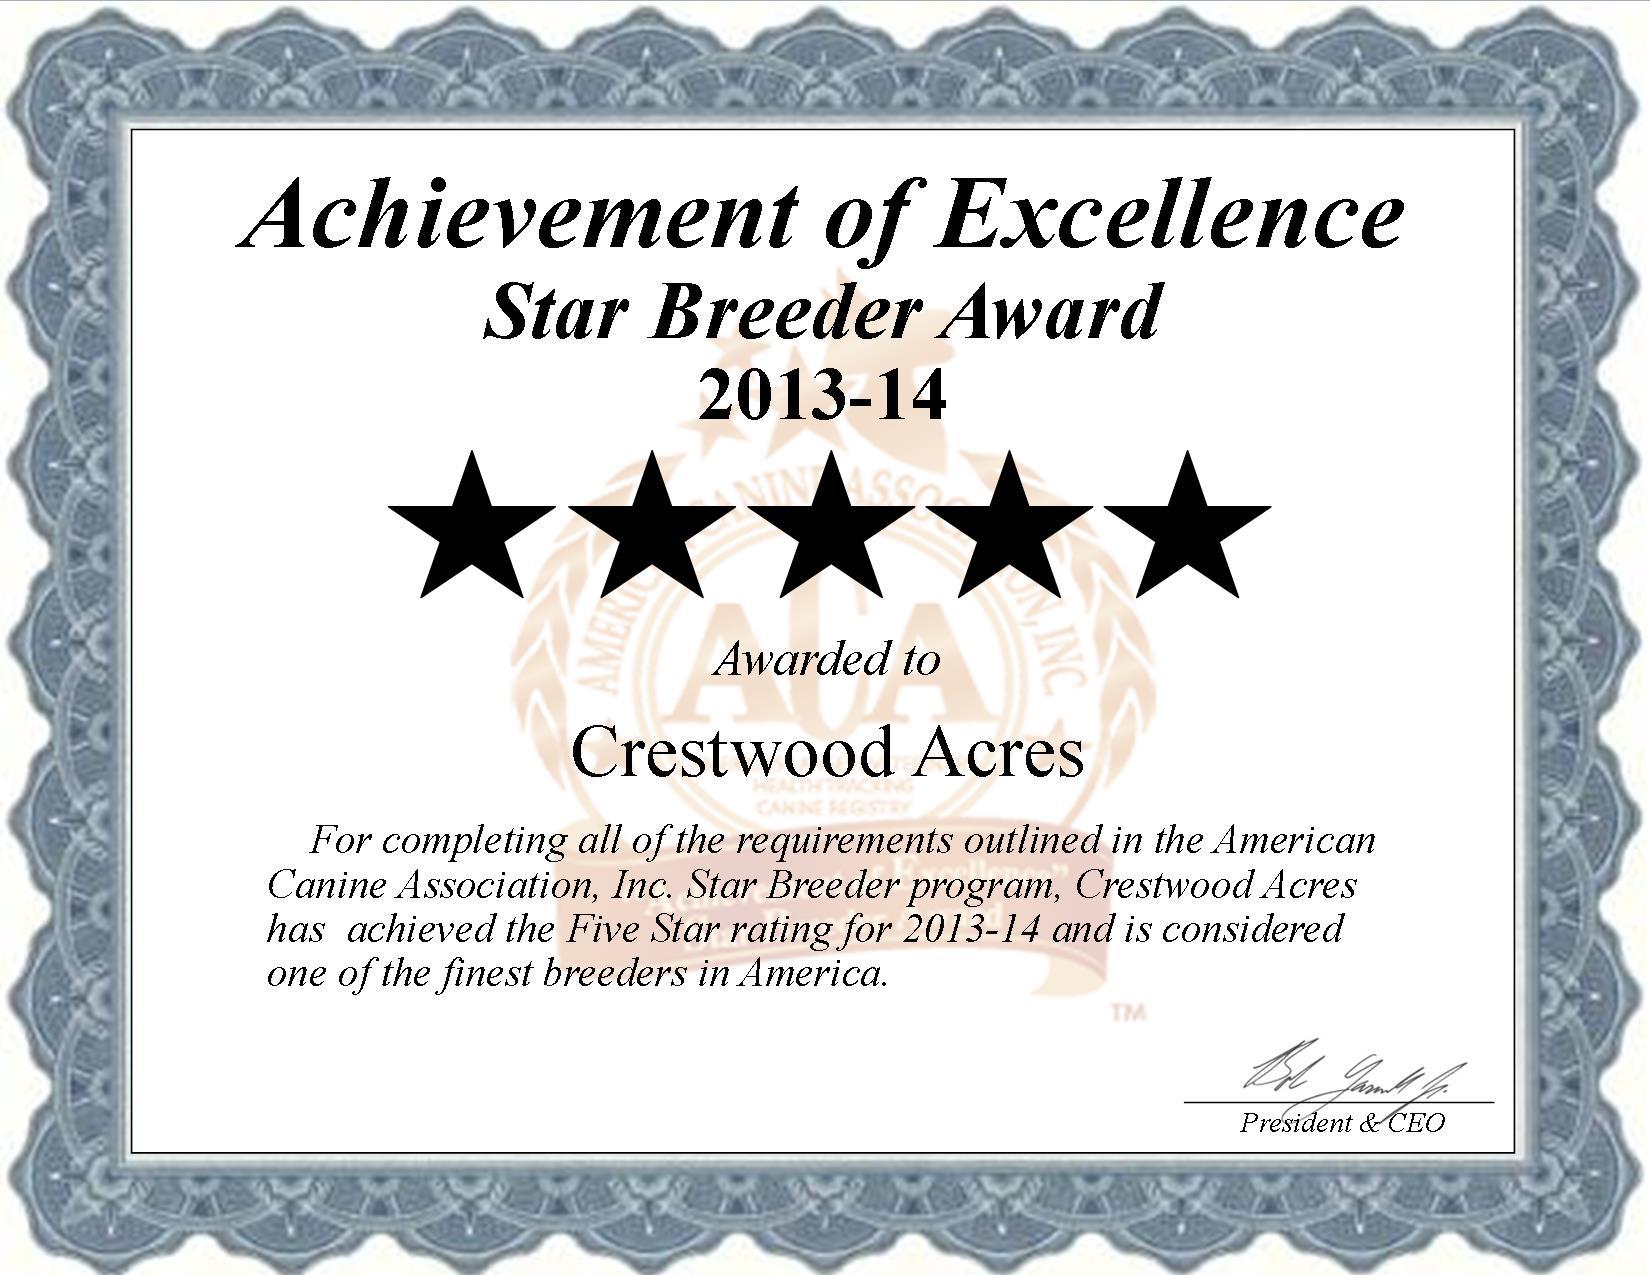 Crestwood Acres Kennel, Loretta Horning, Loretta, Horning, Horning Kennel, Crestwood Acres, crestwod, lyon, ny, new york, breeder, star breeder, starbreeder, 5 star, dog, puppy, puppies, five star